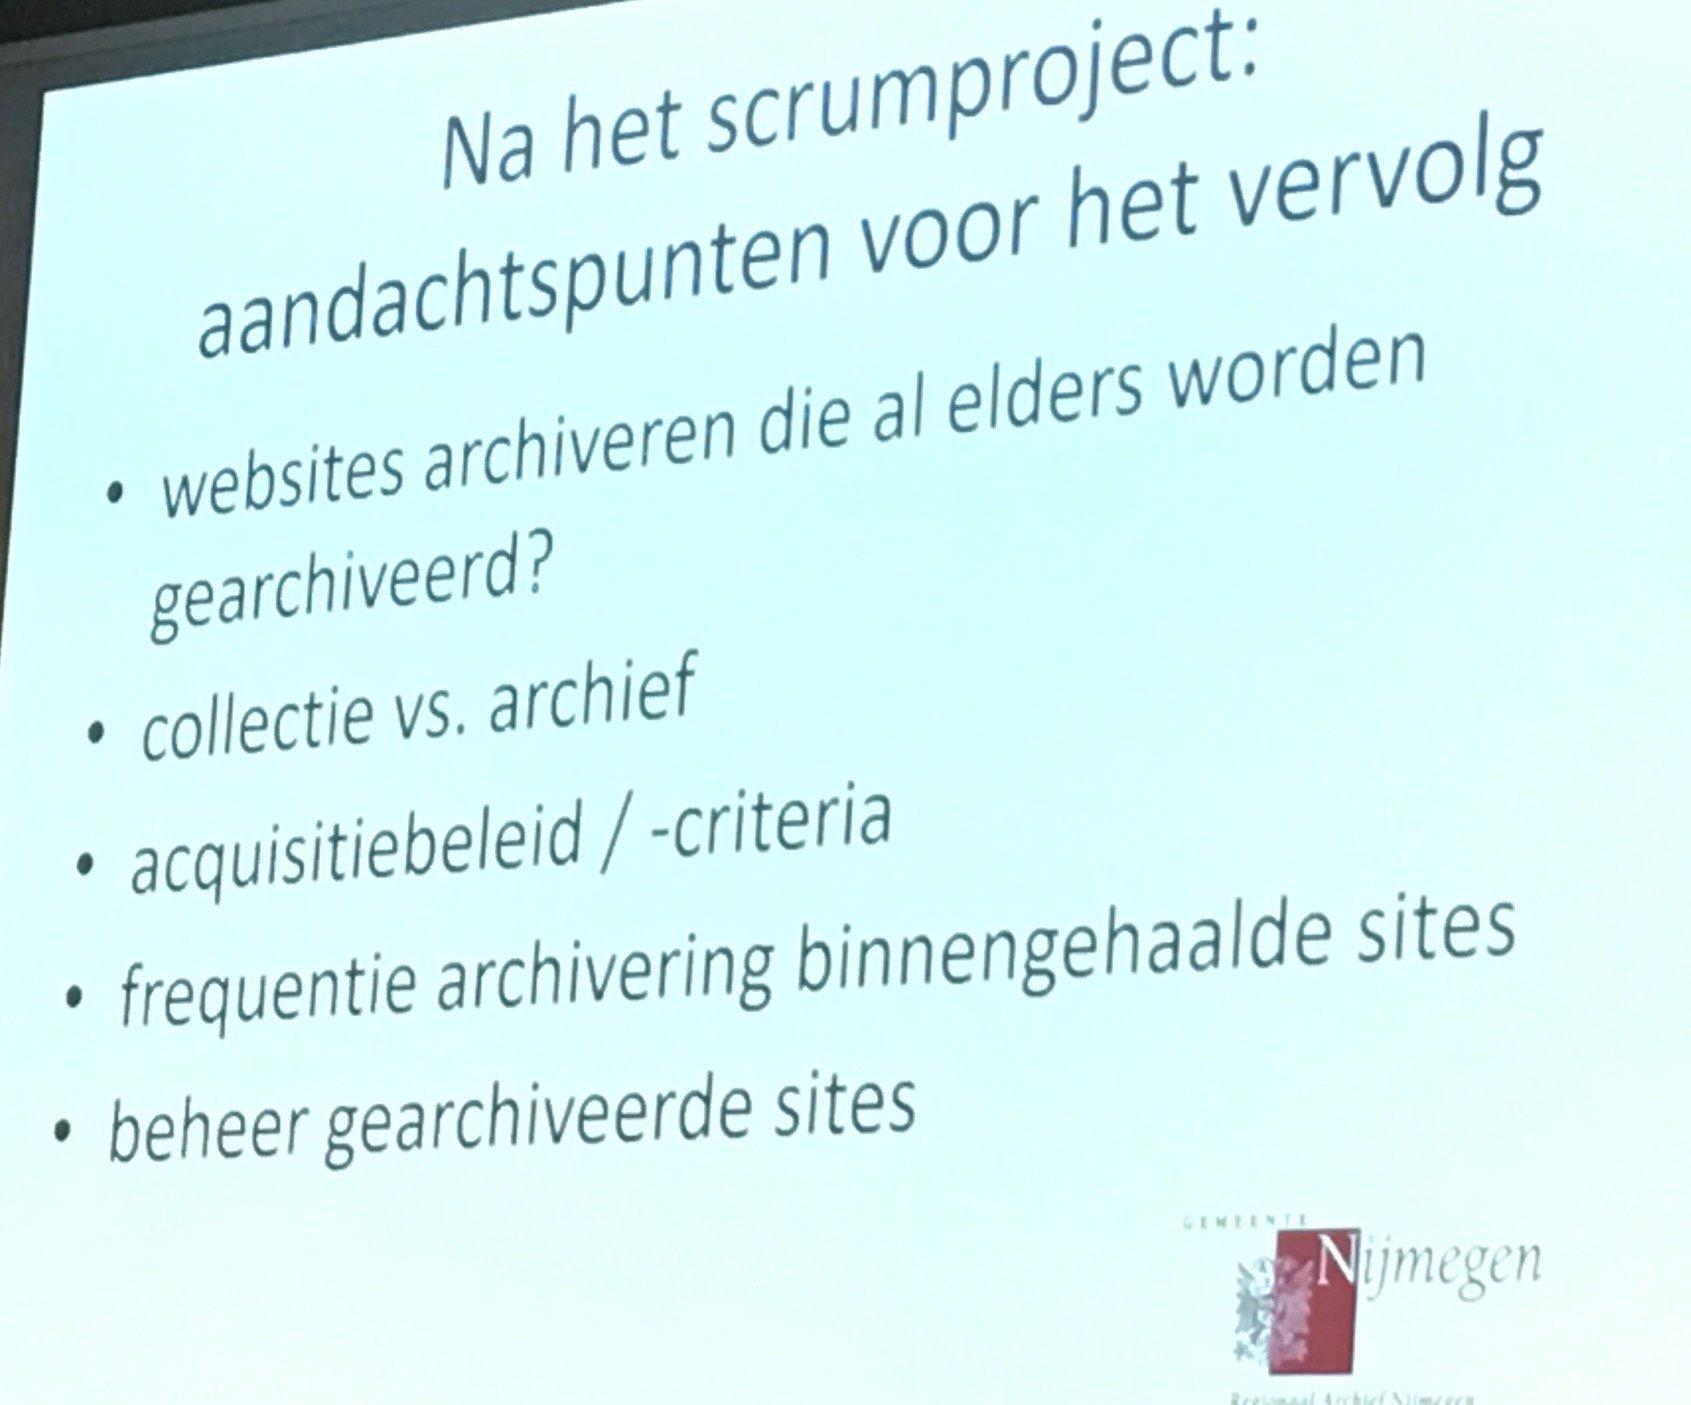 Aandachtspunten genoemd door het Regionaal Archief Nijmegen. Hierover gaat nationale samenwerking! #17WDE @info_NCDD https://t.co/AHfd3S7Vl3